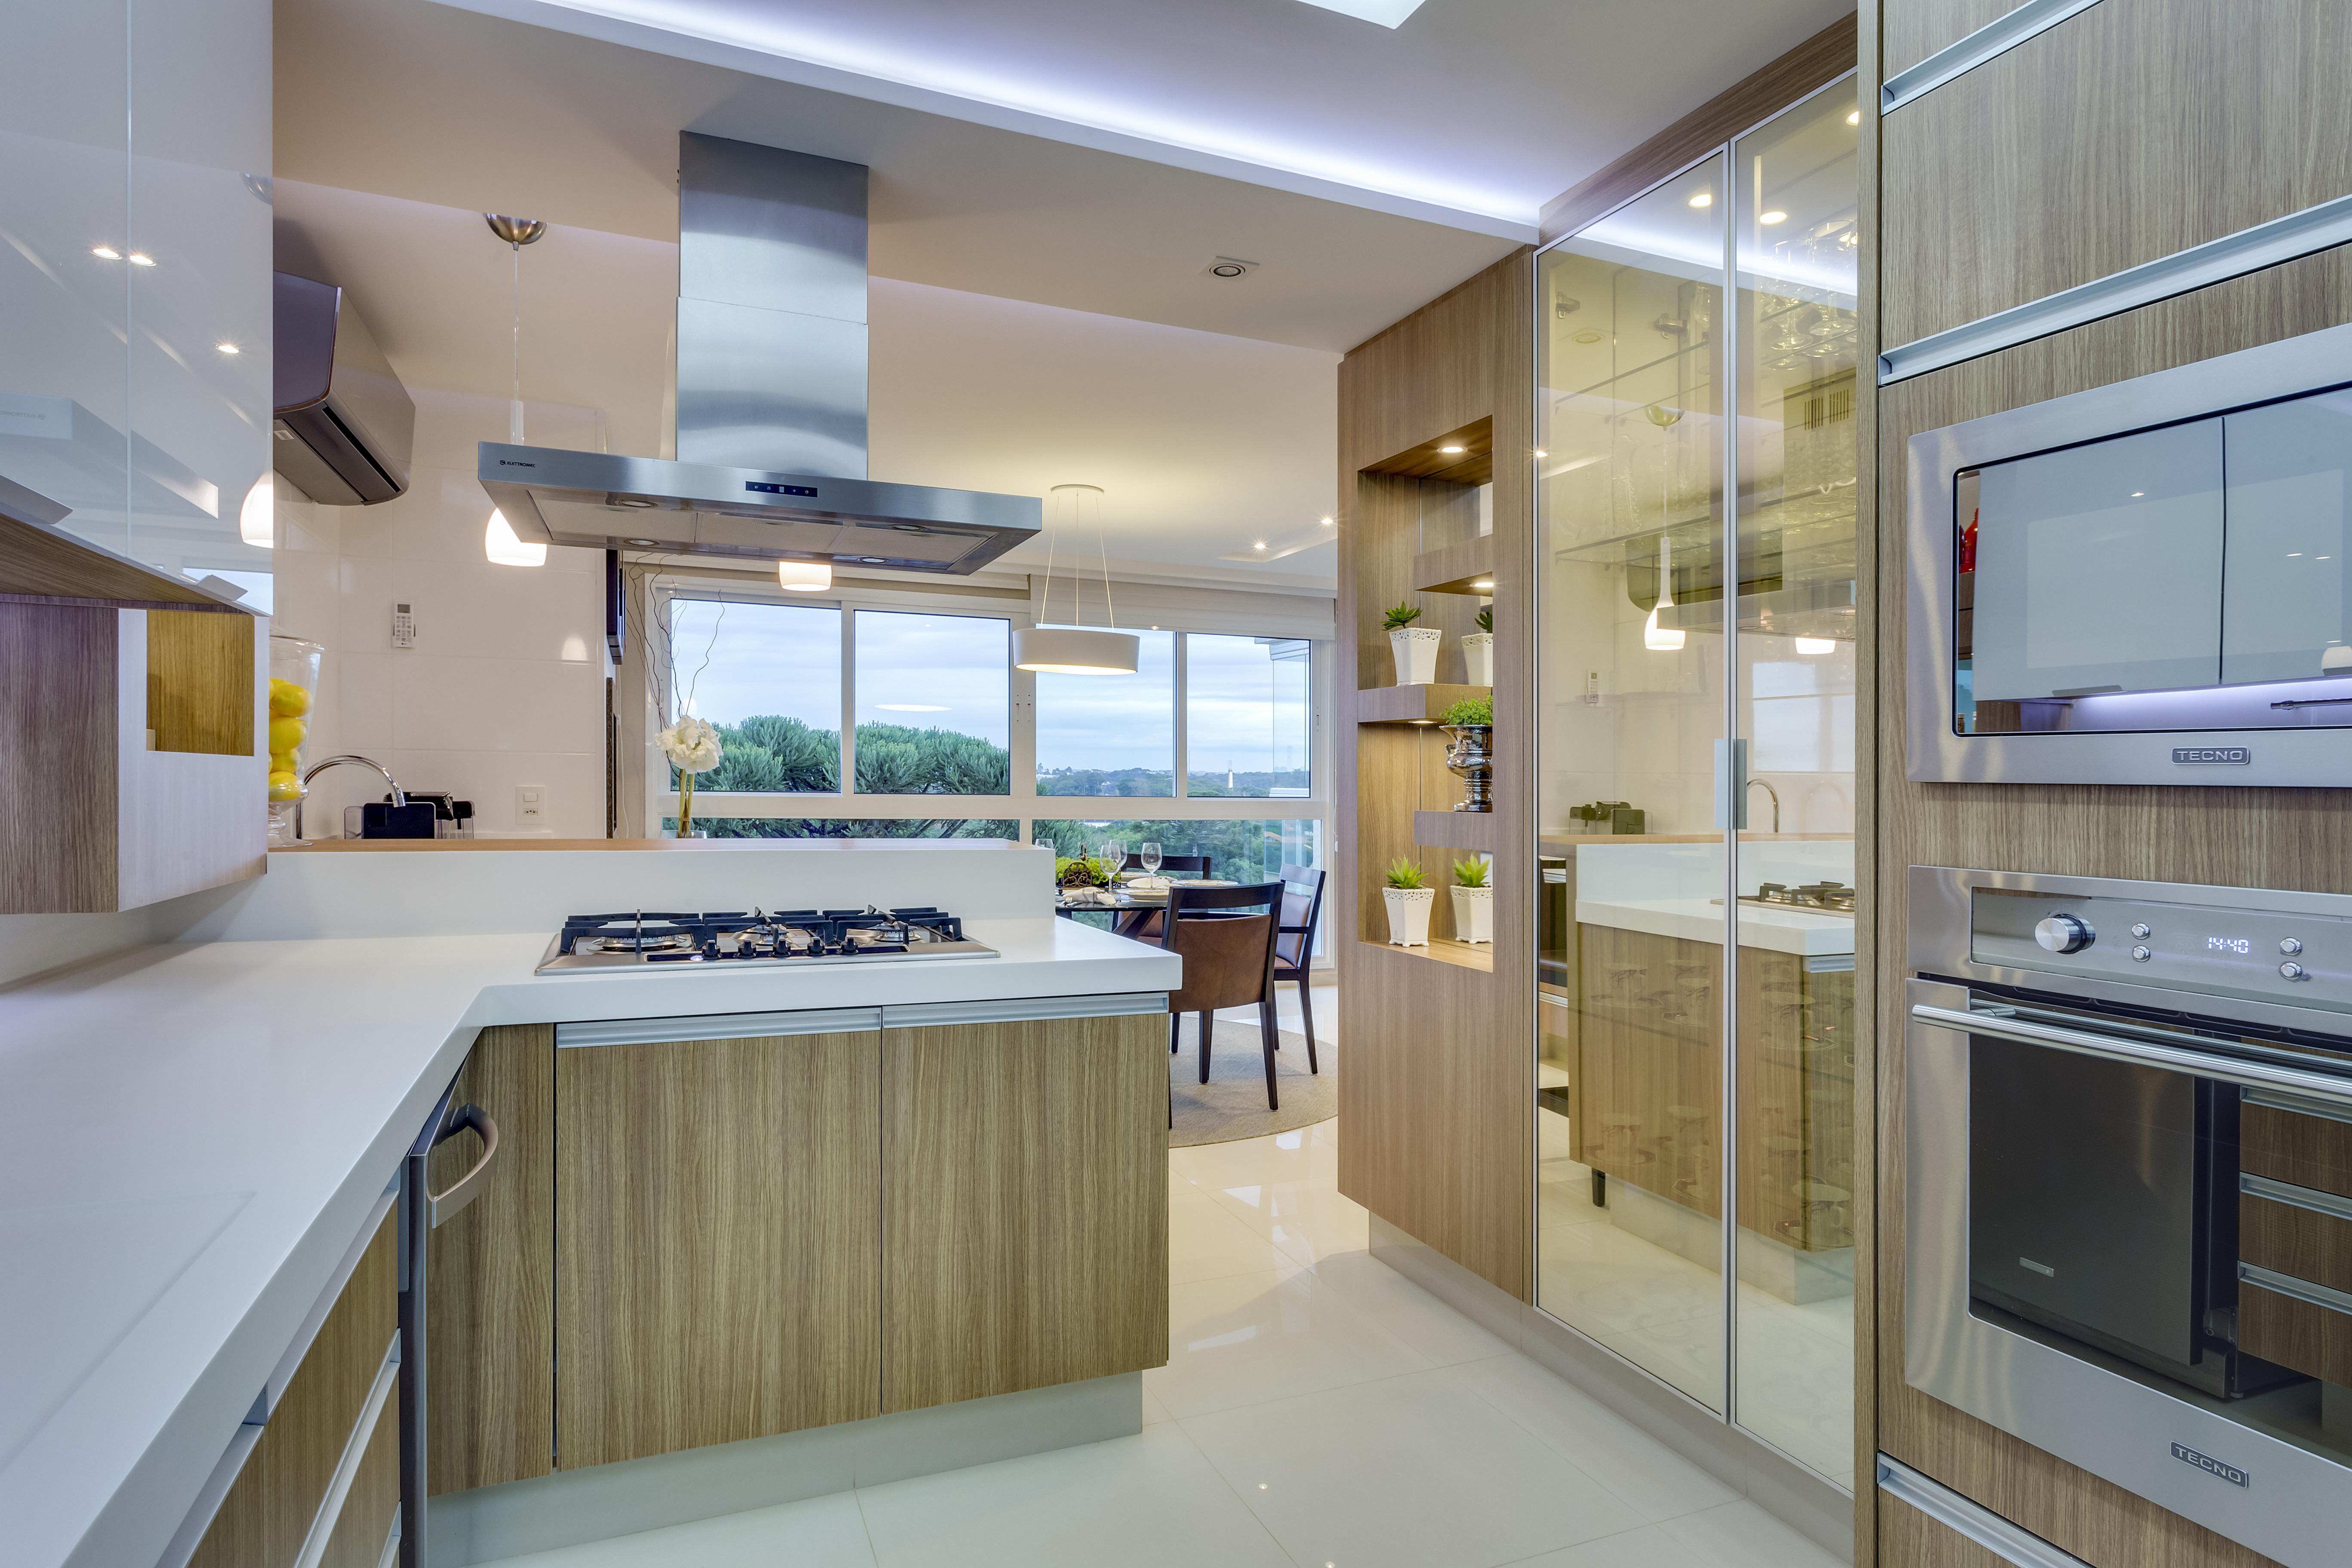 Cozinha Planejada Com Cristaleira Embutida Beyato Com V Rios